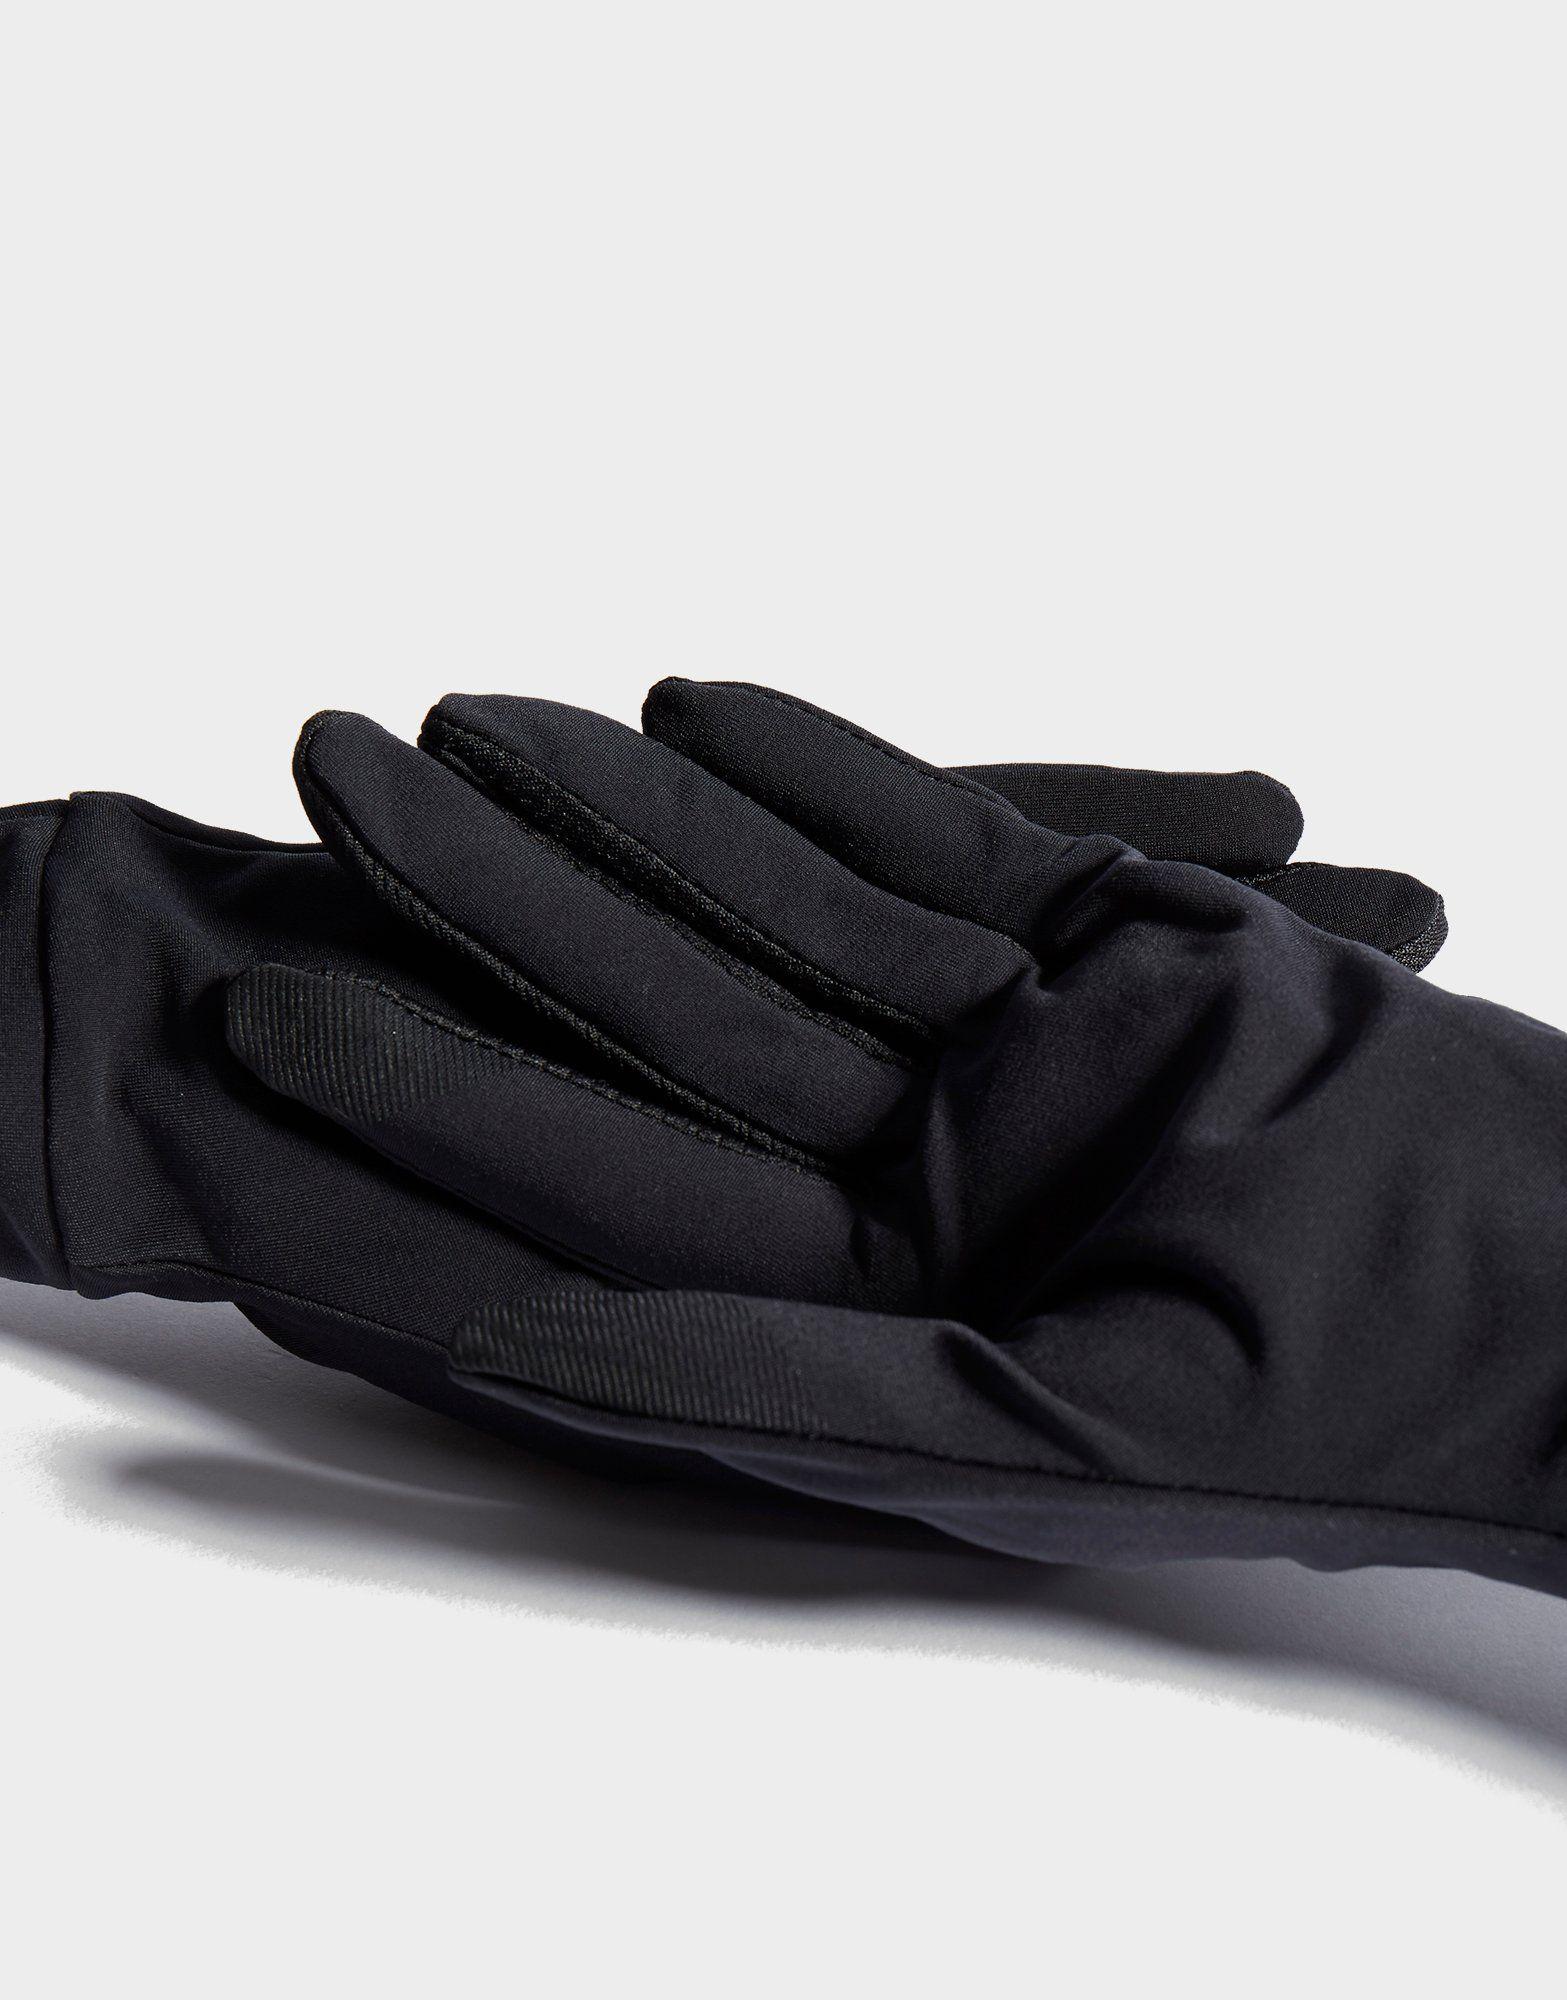 Nike Lightweight Tech Gloves Women's